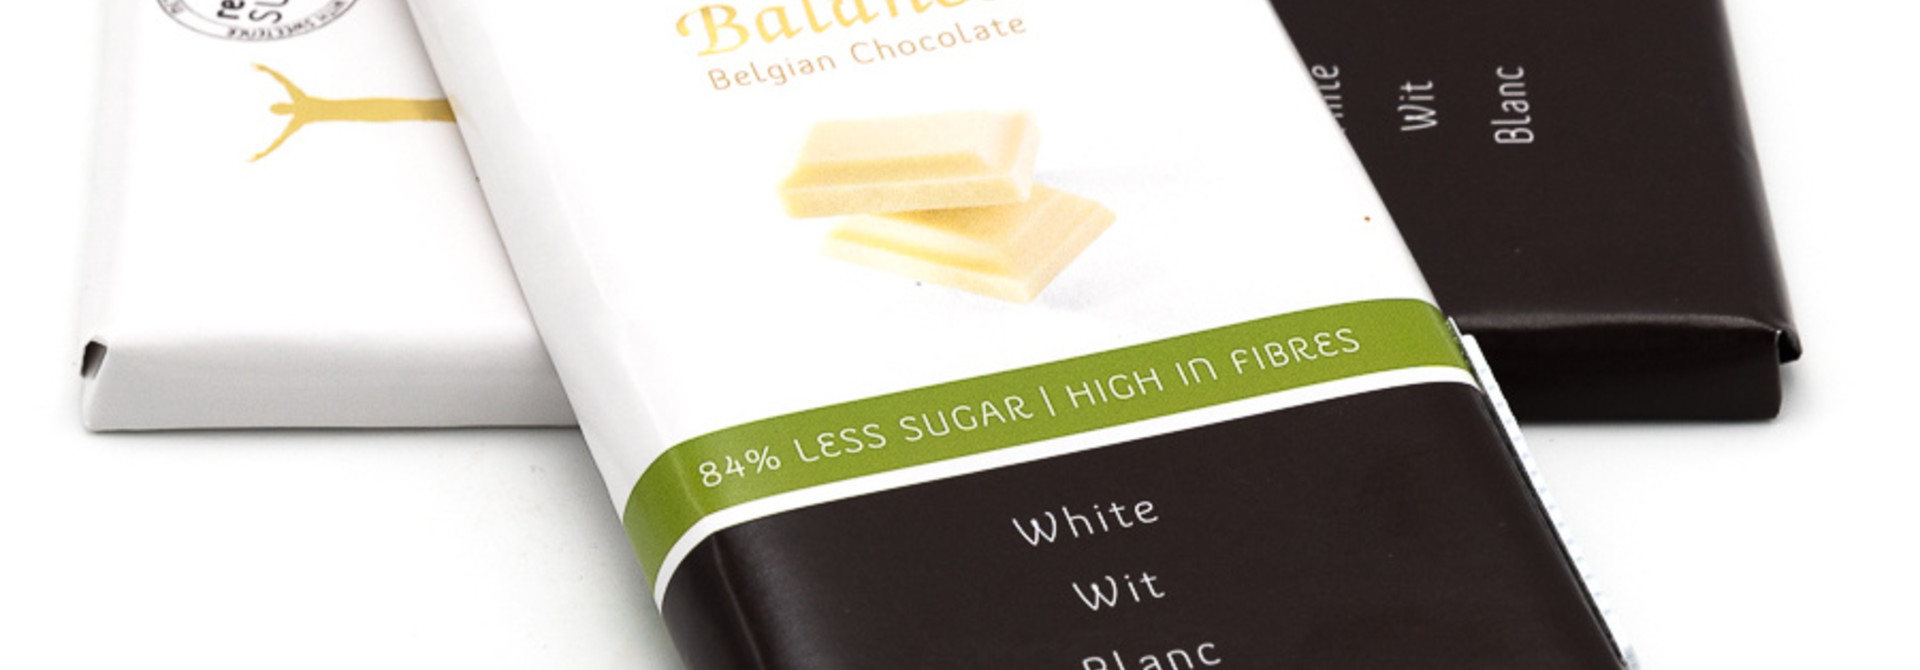 Chocolate bar (white )